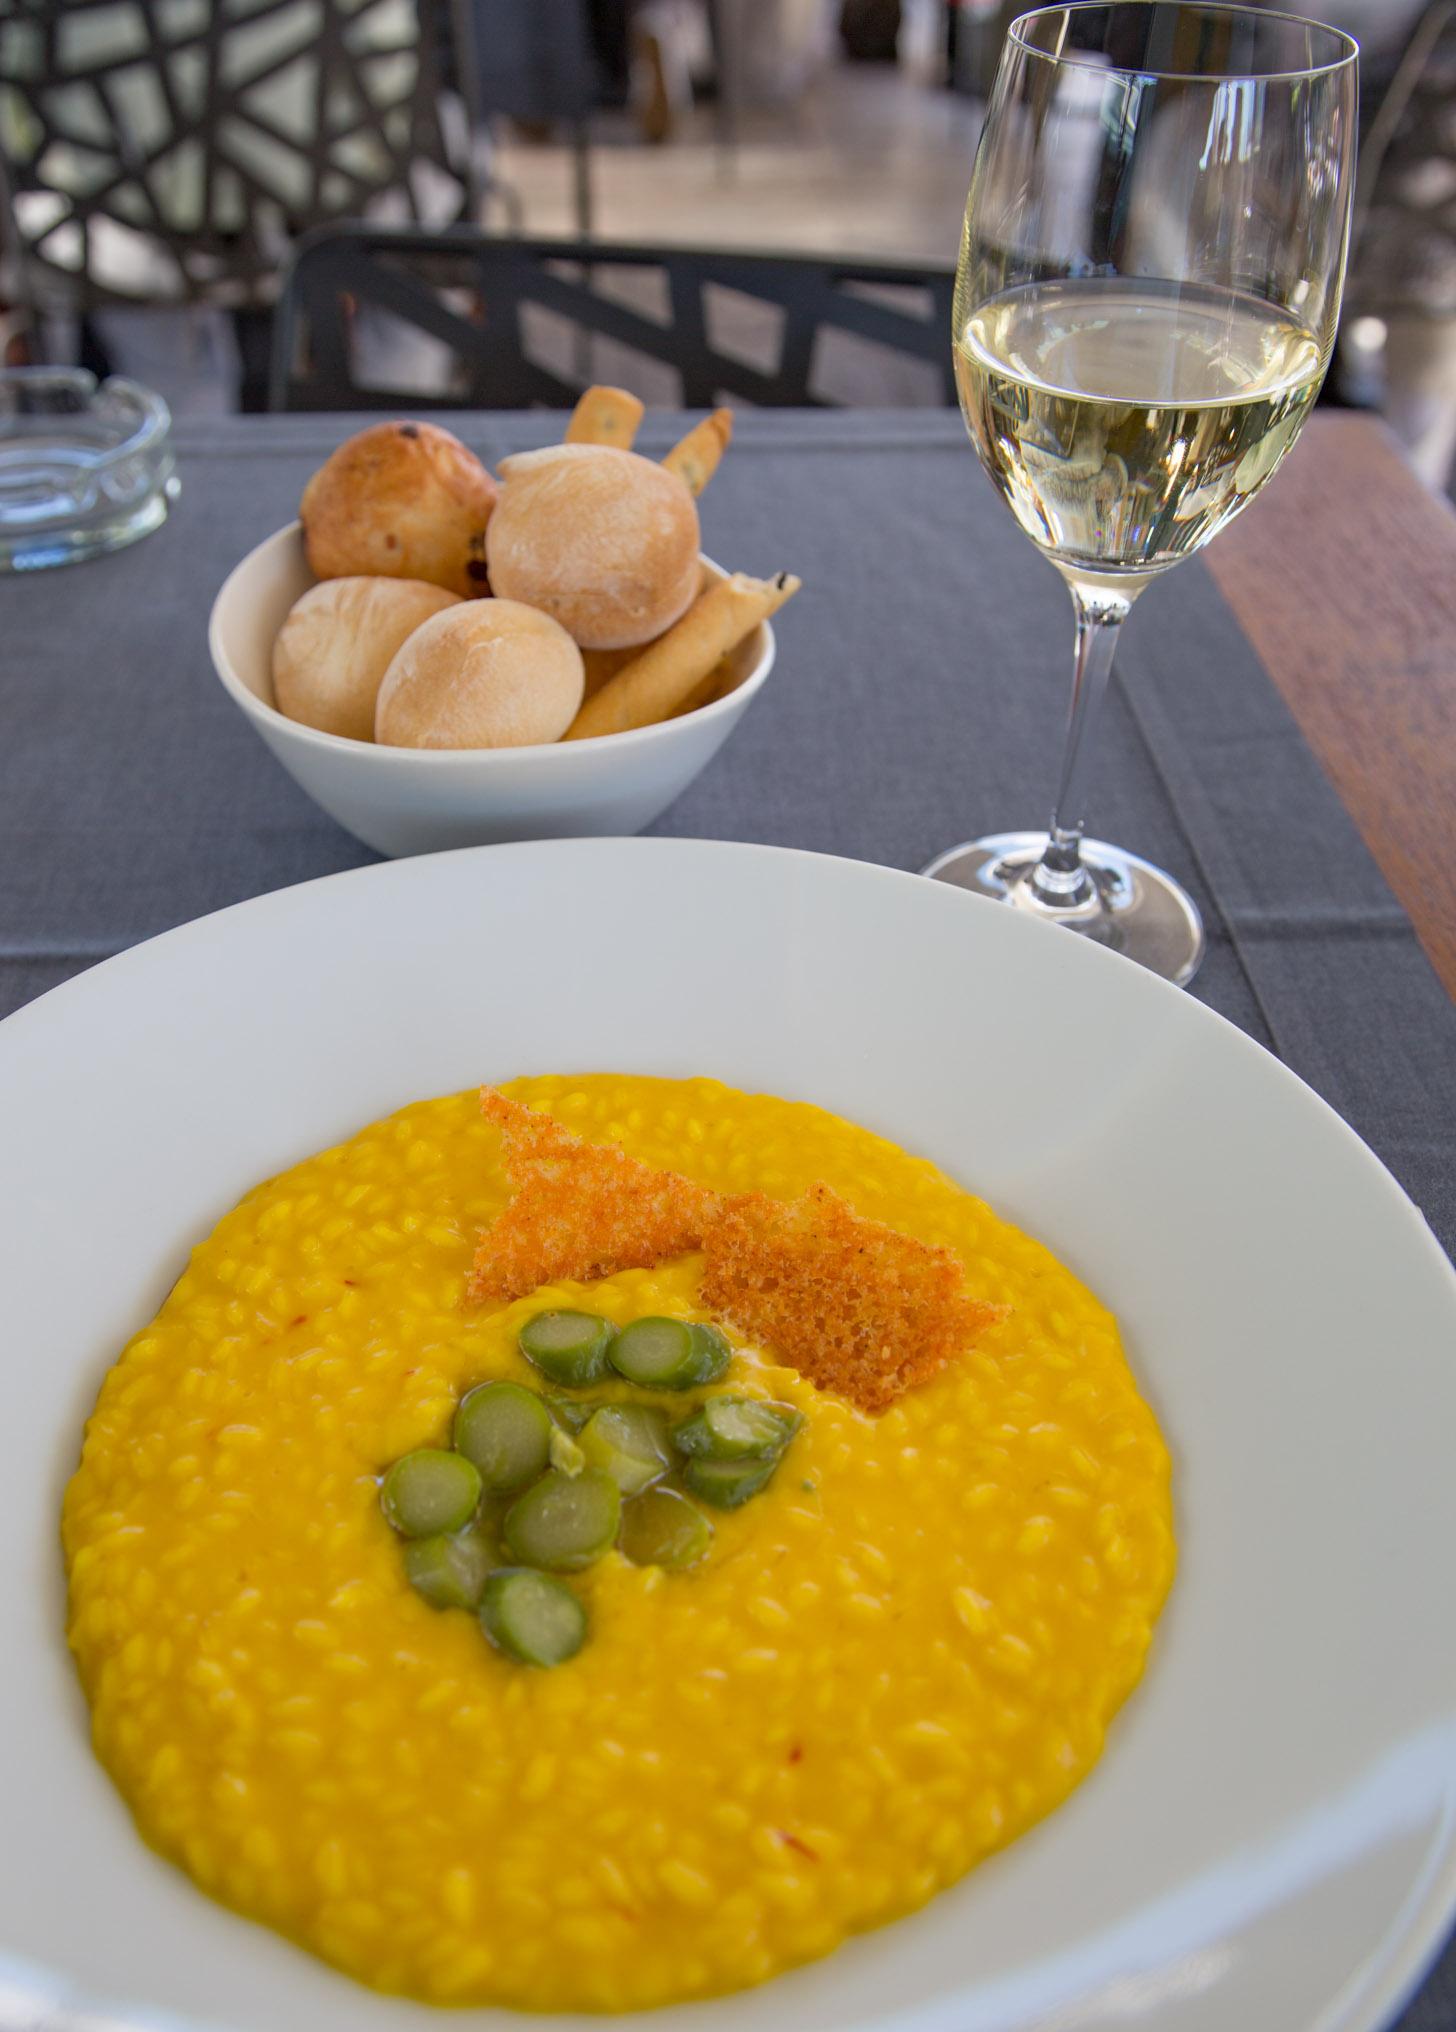 Heerlijk eten en drinken in Milaan: lokale risotto en een glas witte wijn